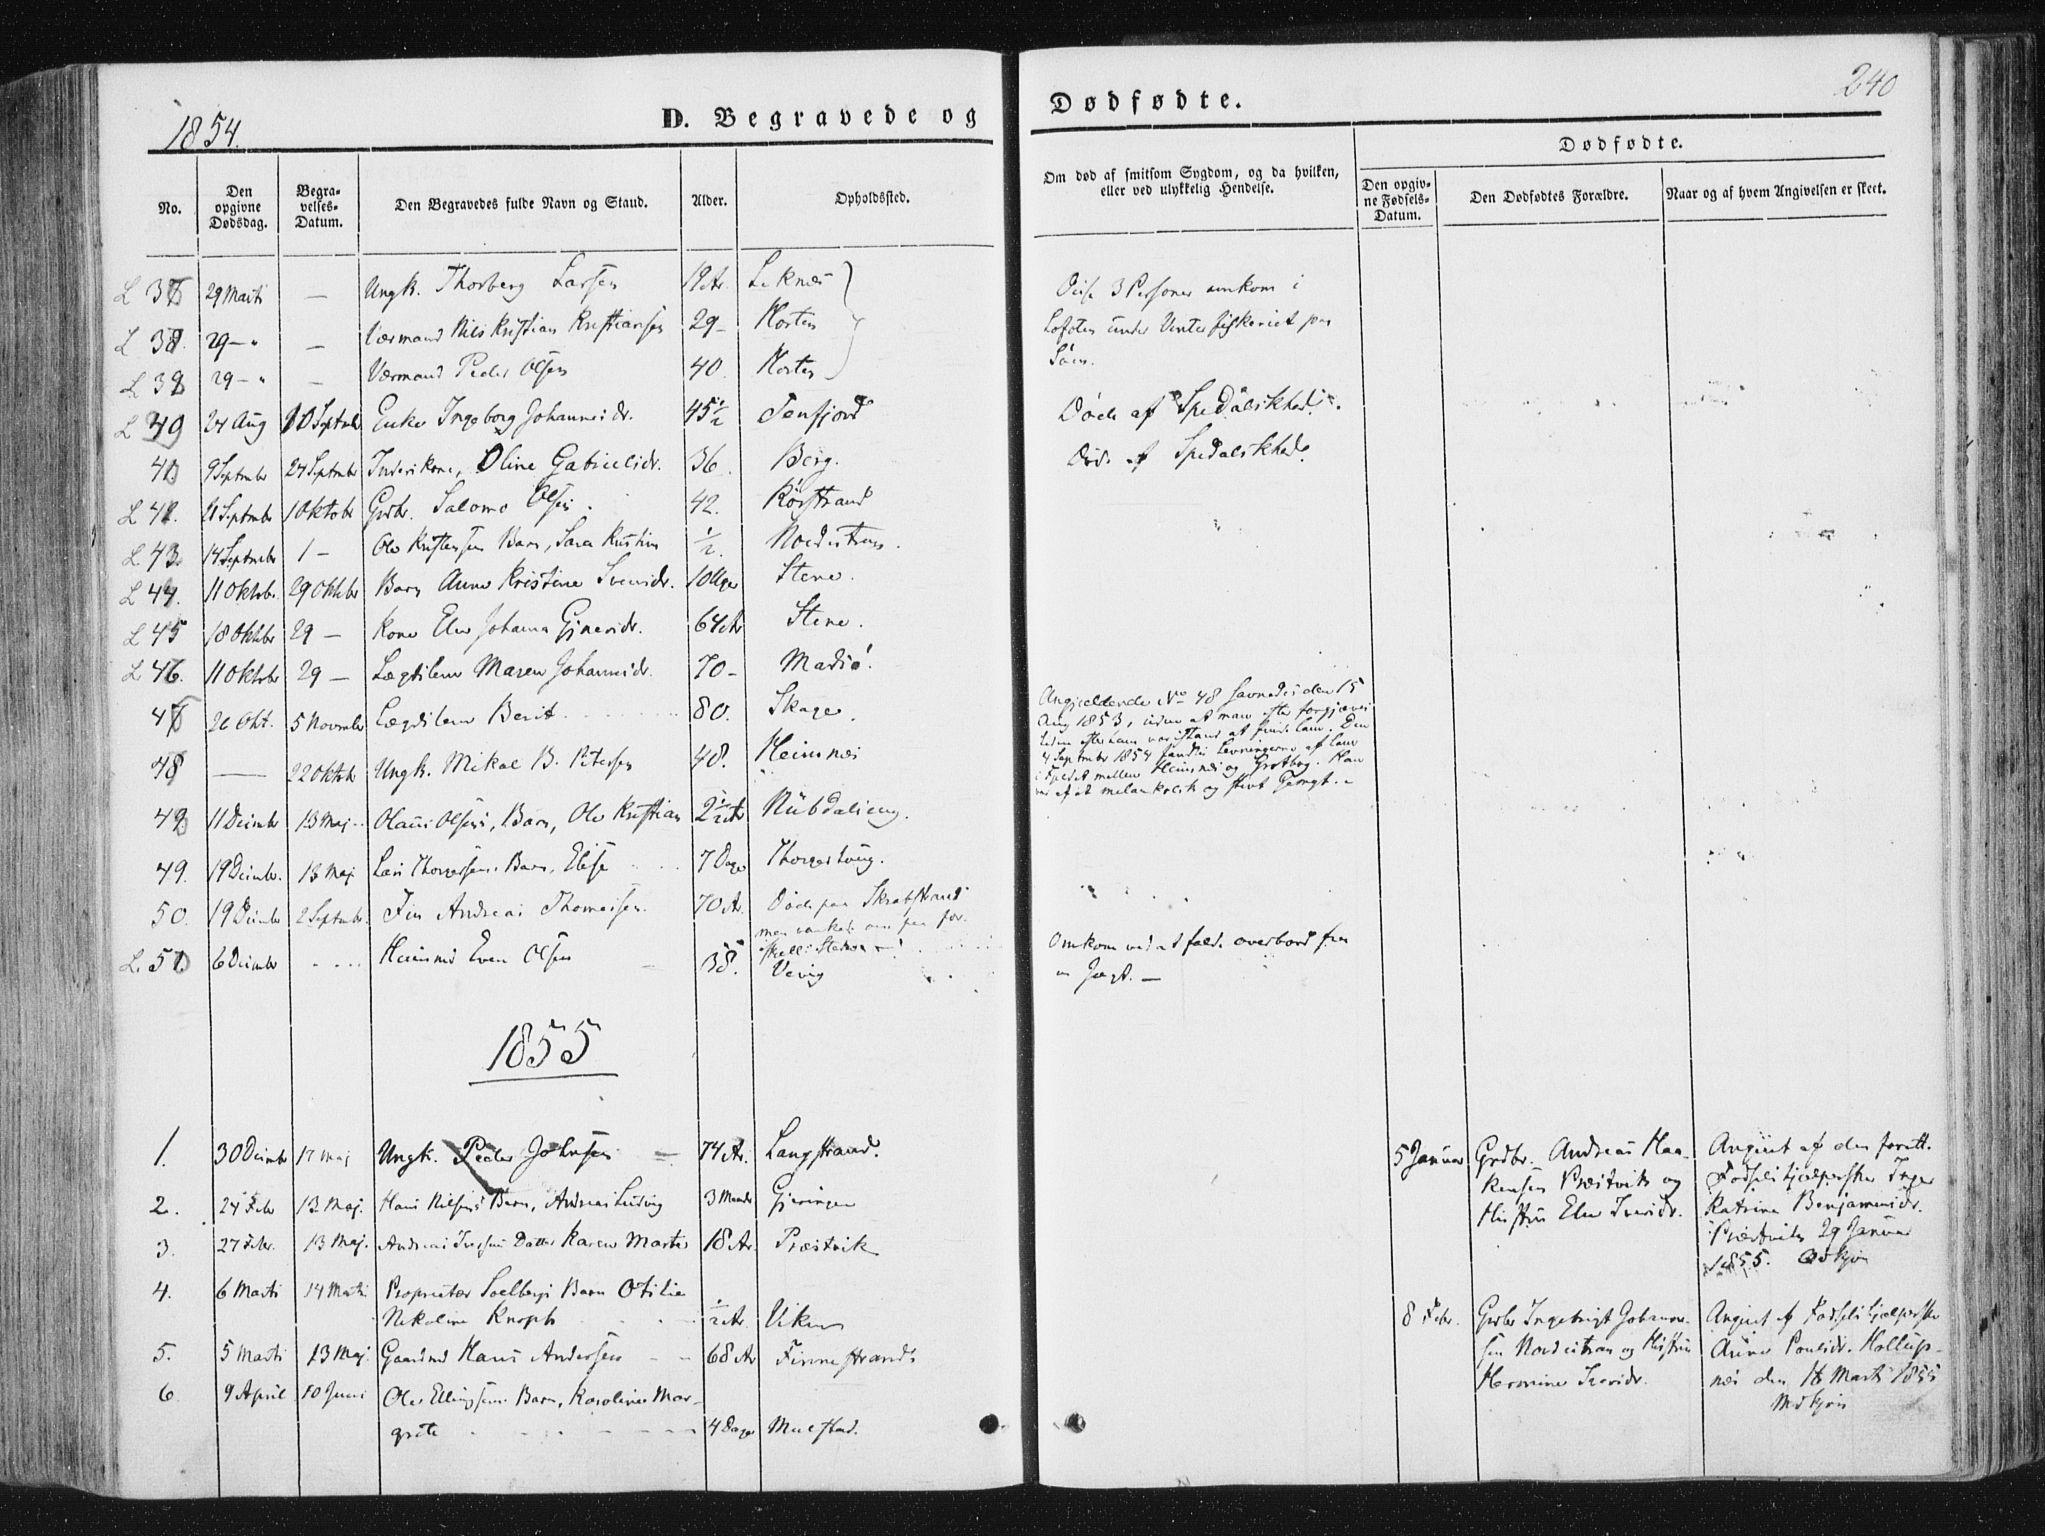 SAT, Ministerialprotokoller, klokkerbøker og fødselsregistre - Nord-Trøndelag, 780/L0640: Ministerialbok nr. 780A05, 1845-1856, s. 240